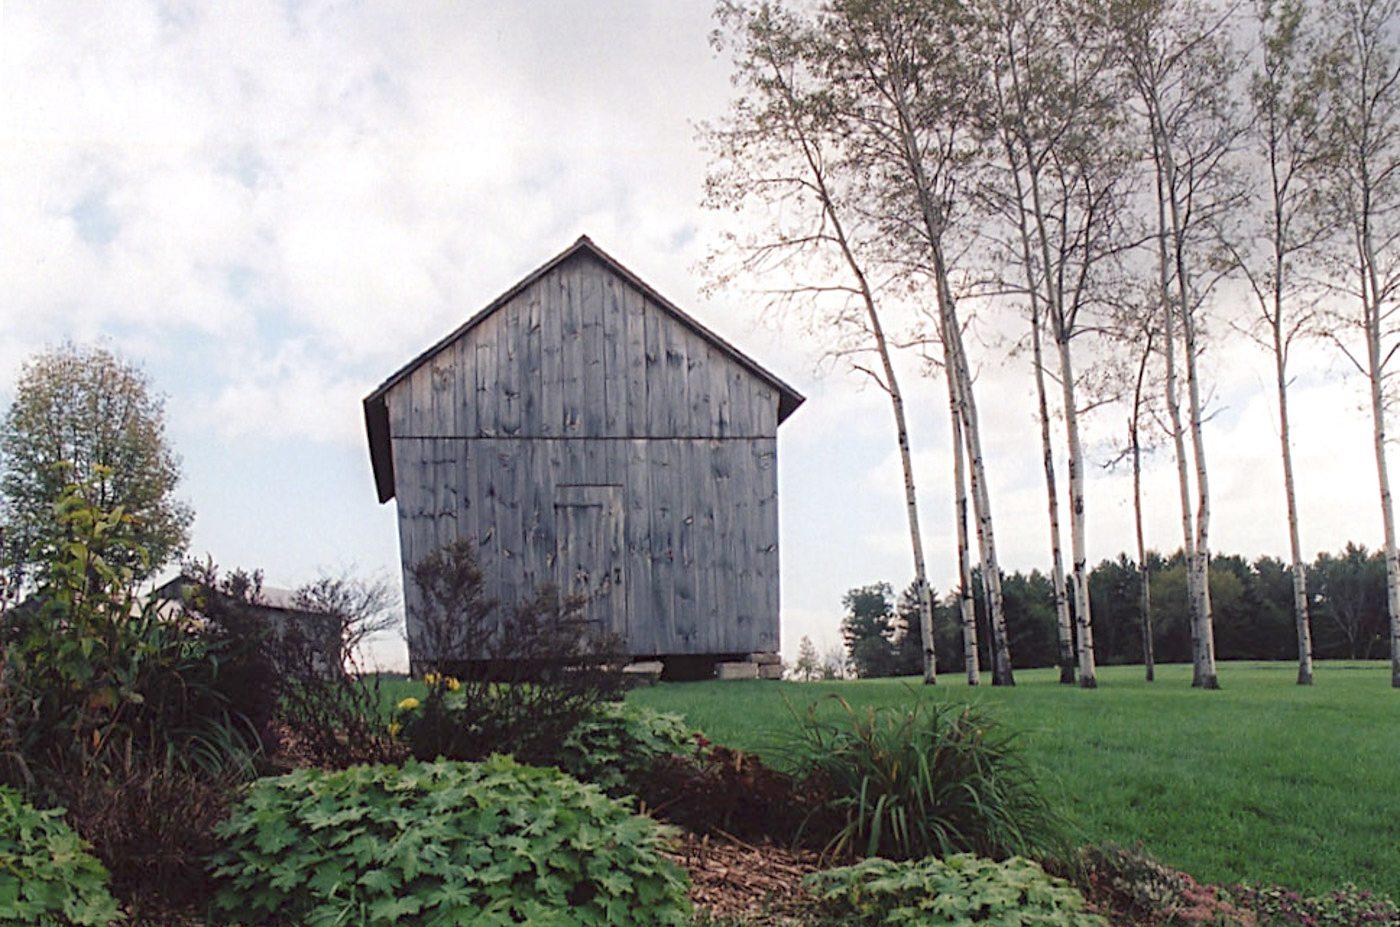 Corn Crib at Historic Barns of Nipmoose, Photograph by Constance